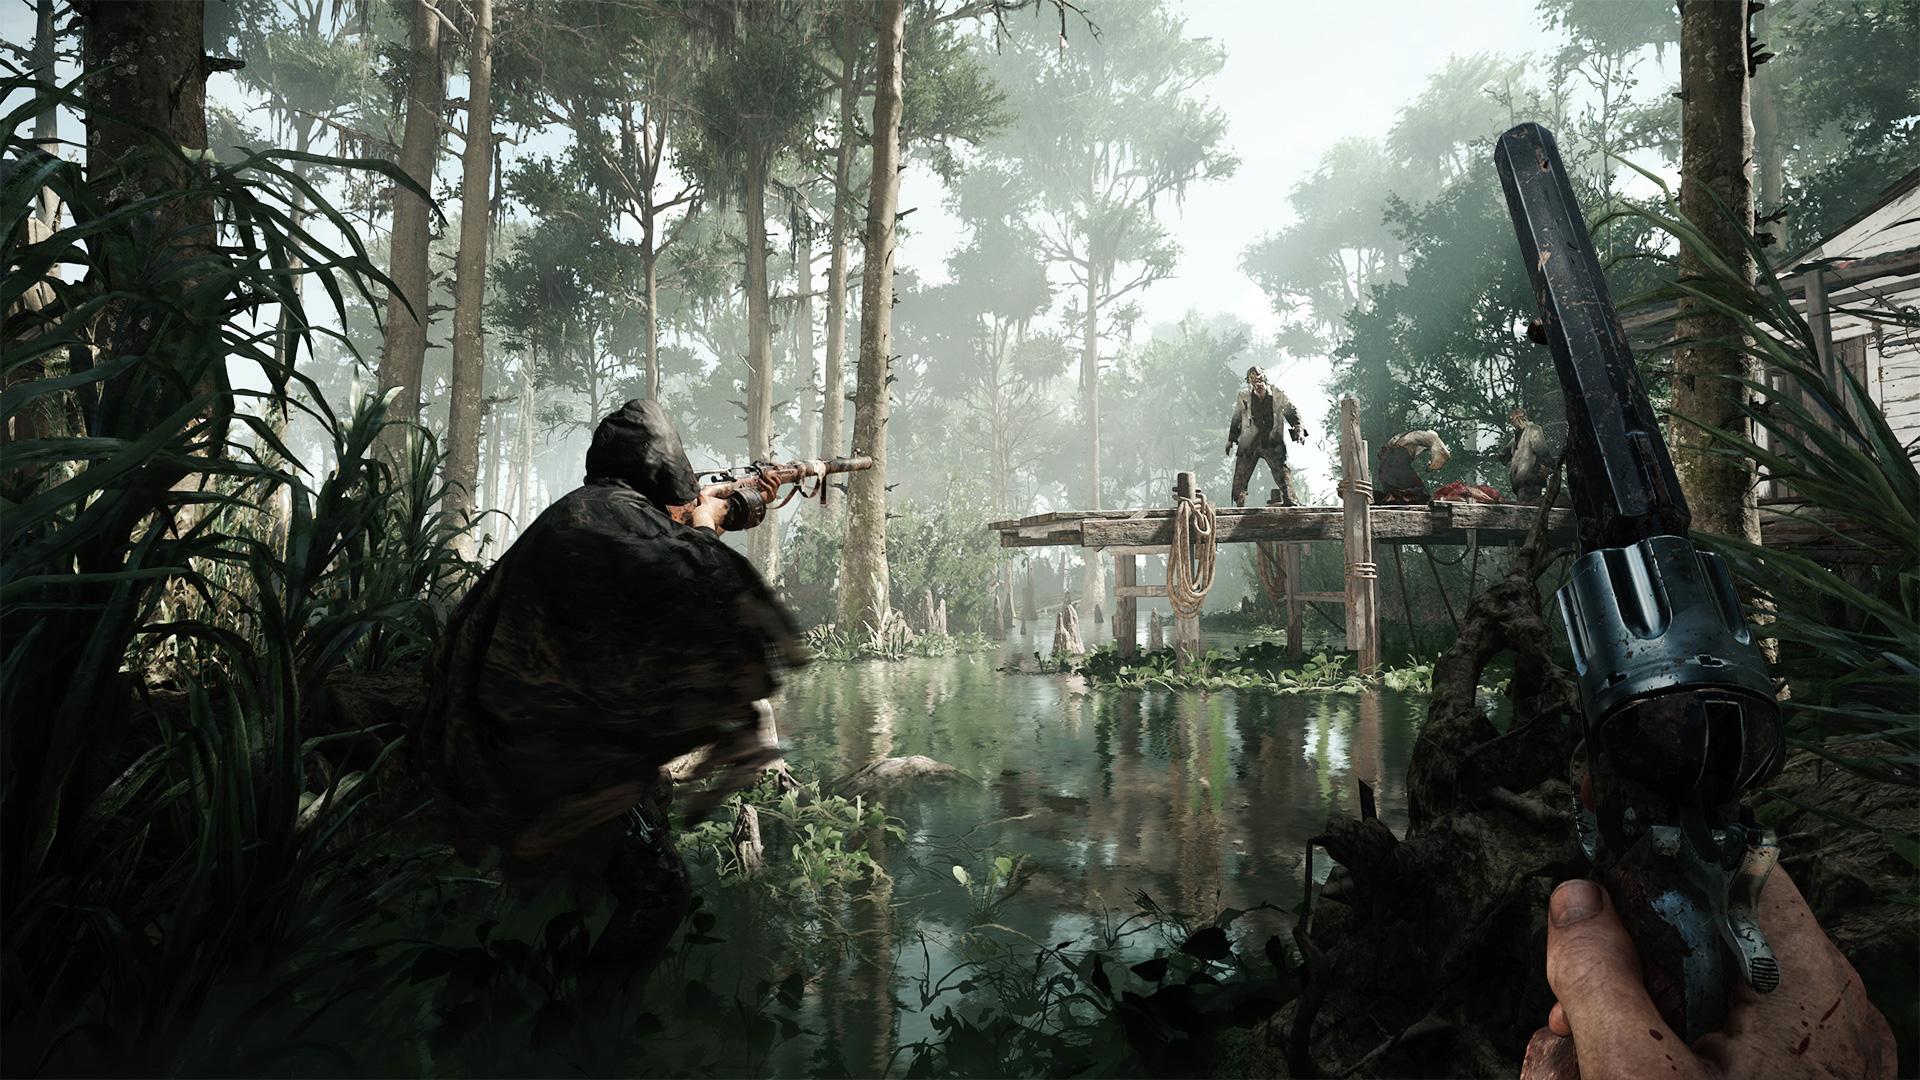 """Wenn es um eine makellose Präsentation geht, macht Crytek so schneller keiner was vor - vor allem in Deutschland nicht: Ihr Multiplayer-Shootout """"Hunt: Showdown"""" hat laut Entwicklerpreis-Jury die beste Grafik und den eindrucksvollsten Sound."""